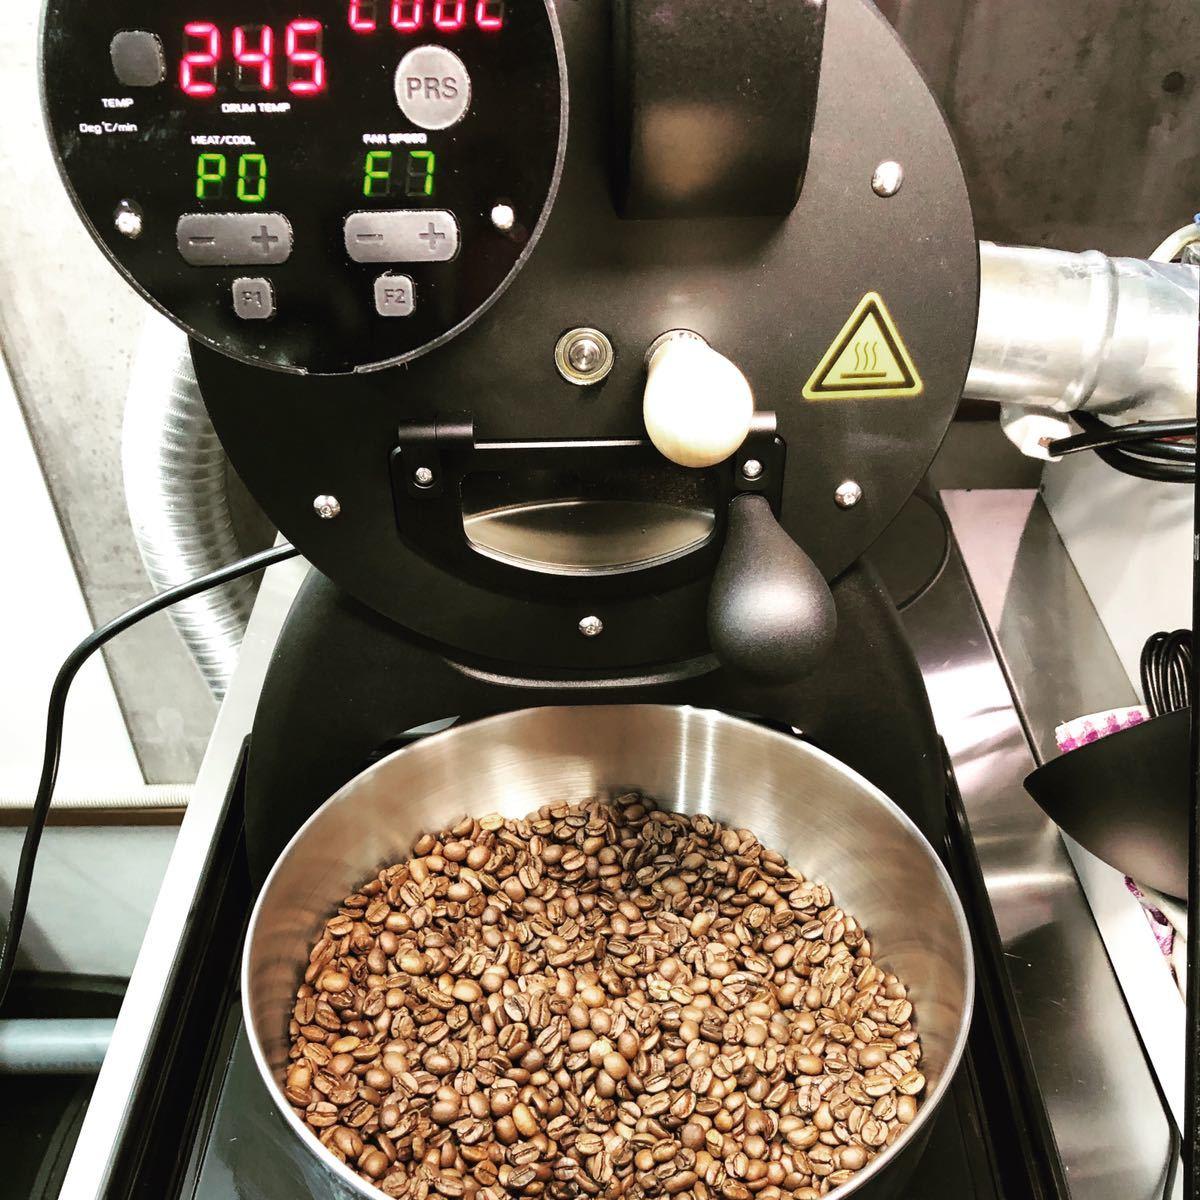 アイスカフェ・ラテ用 フレンチローストコーヒー豆 100g×2袋 オーダー焙煎珈琲豆 送料無料 お試し用_画像5